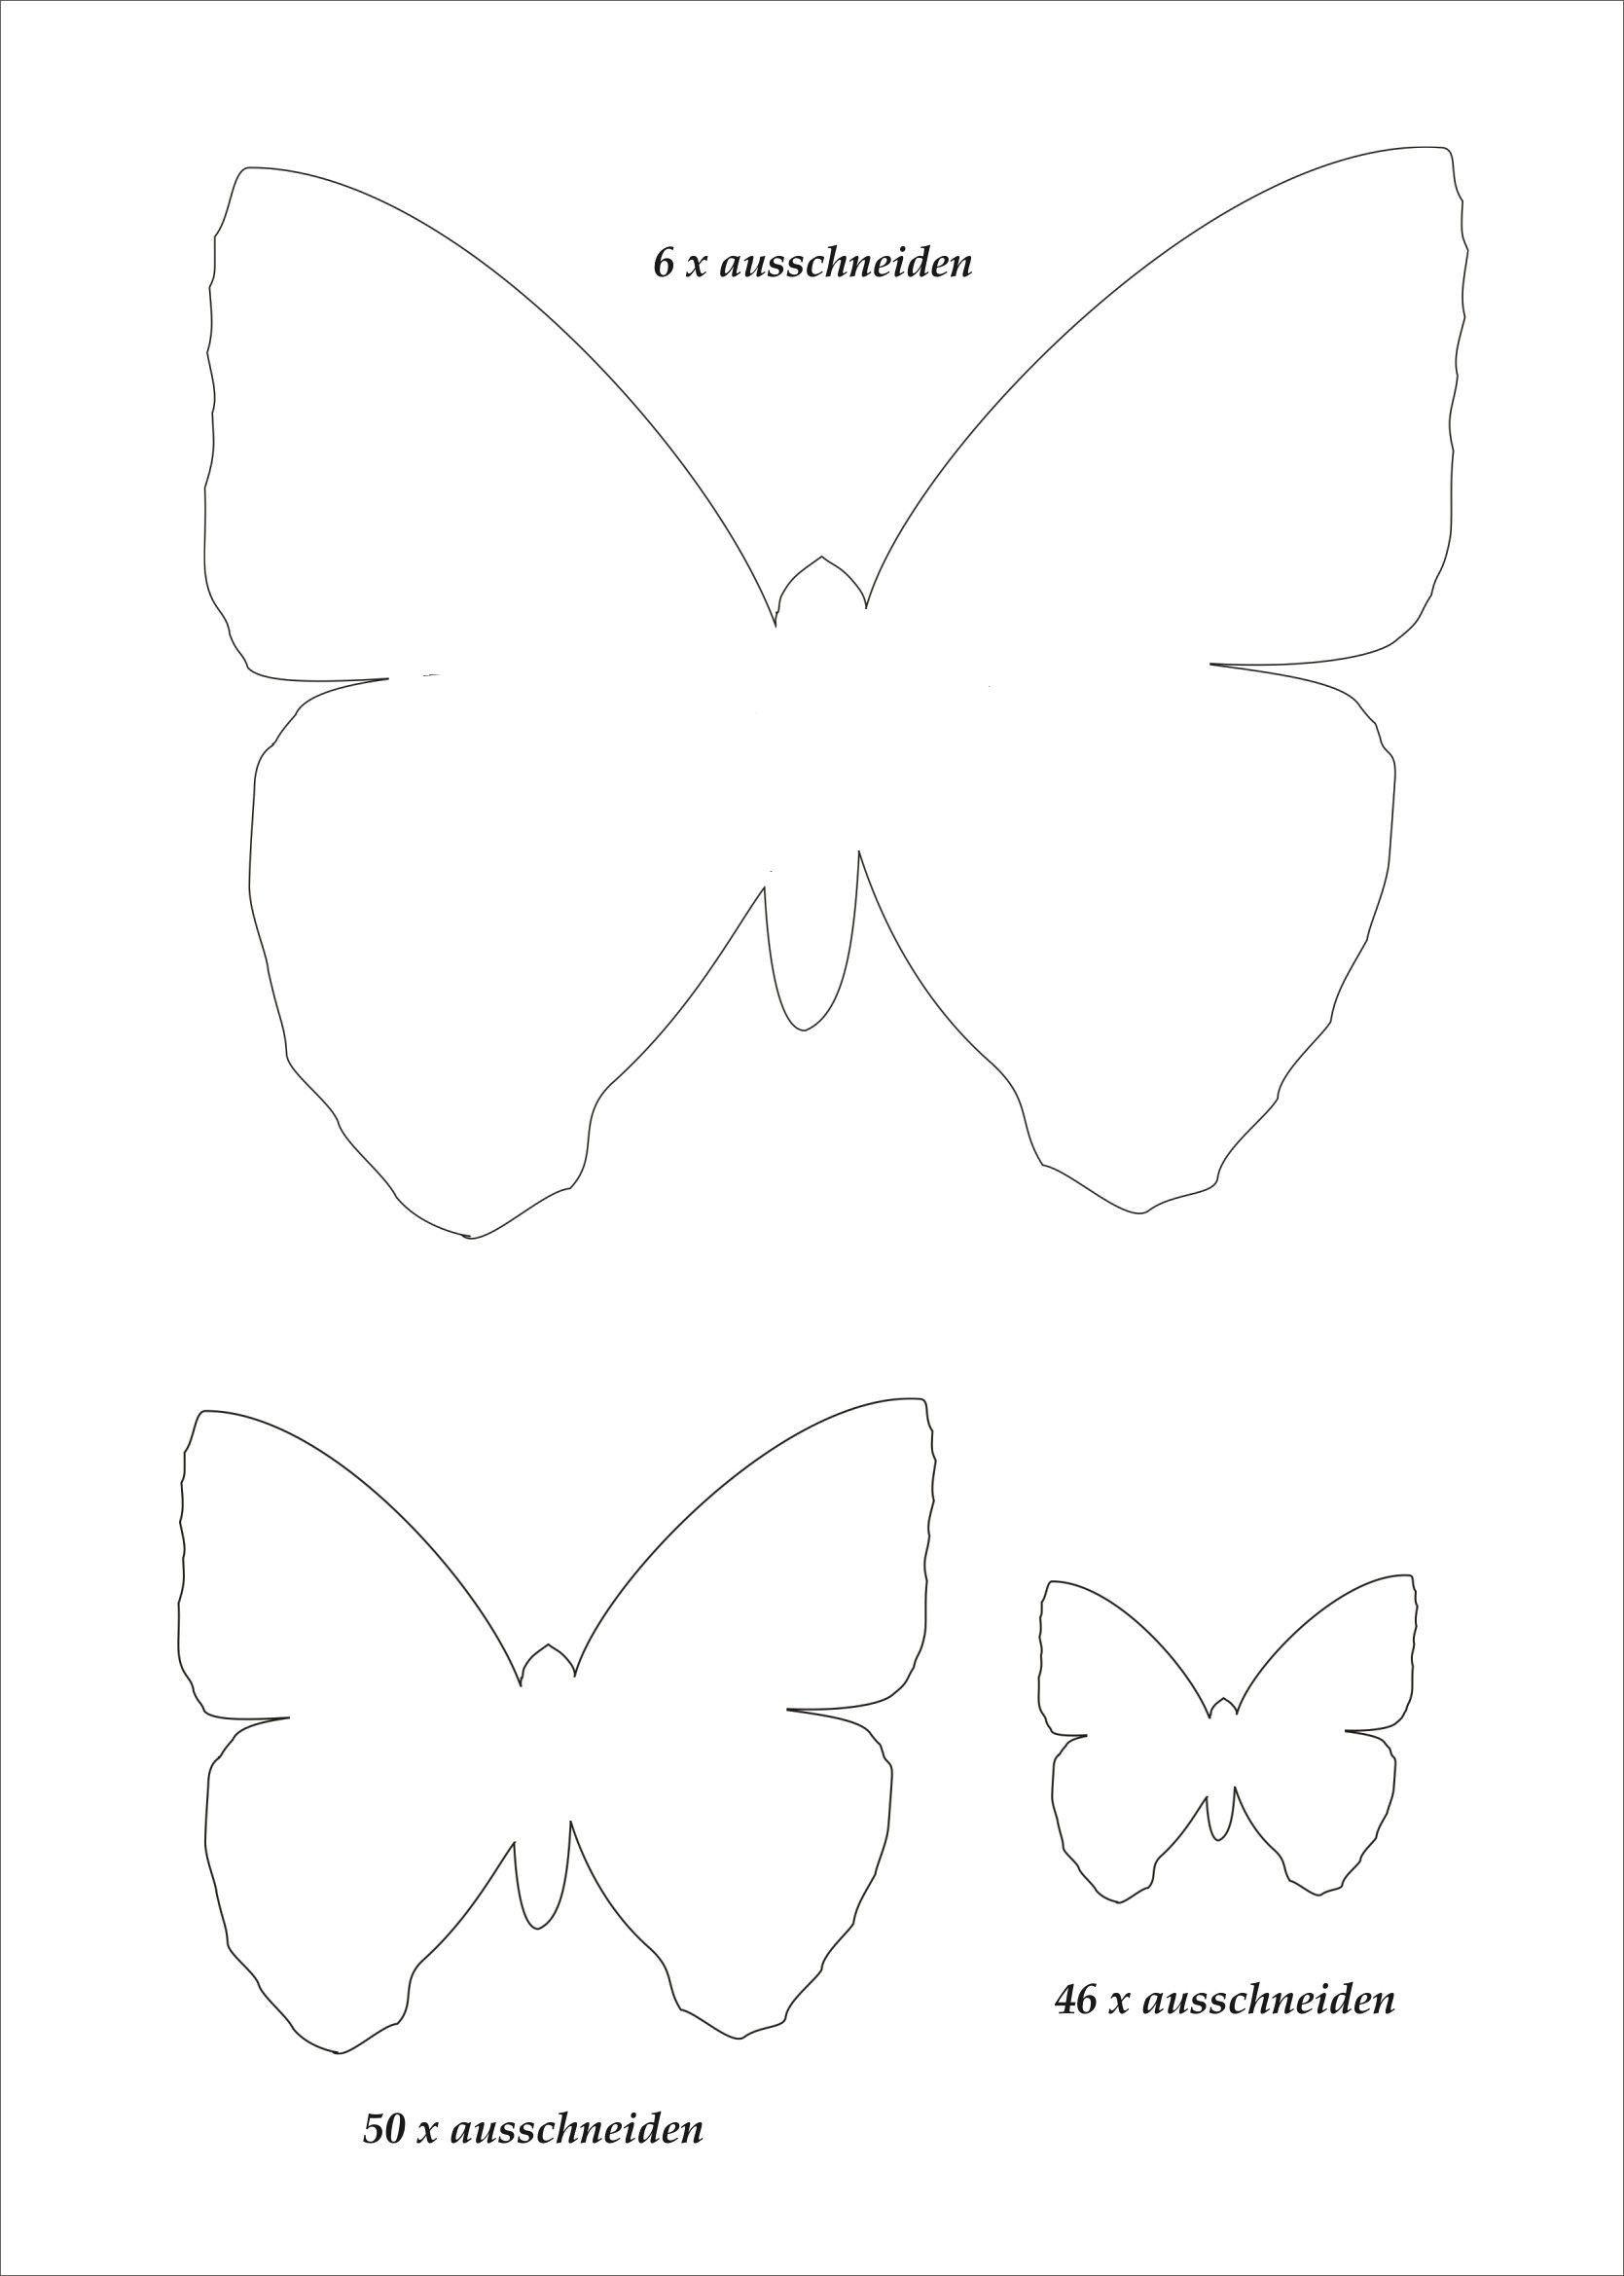 Neu Schmetterling Vorlagen In 2020 | Schmetterling Vorlage bei Vorlagen Schmetterling